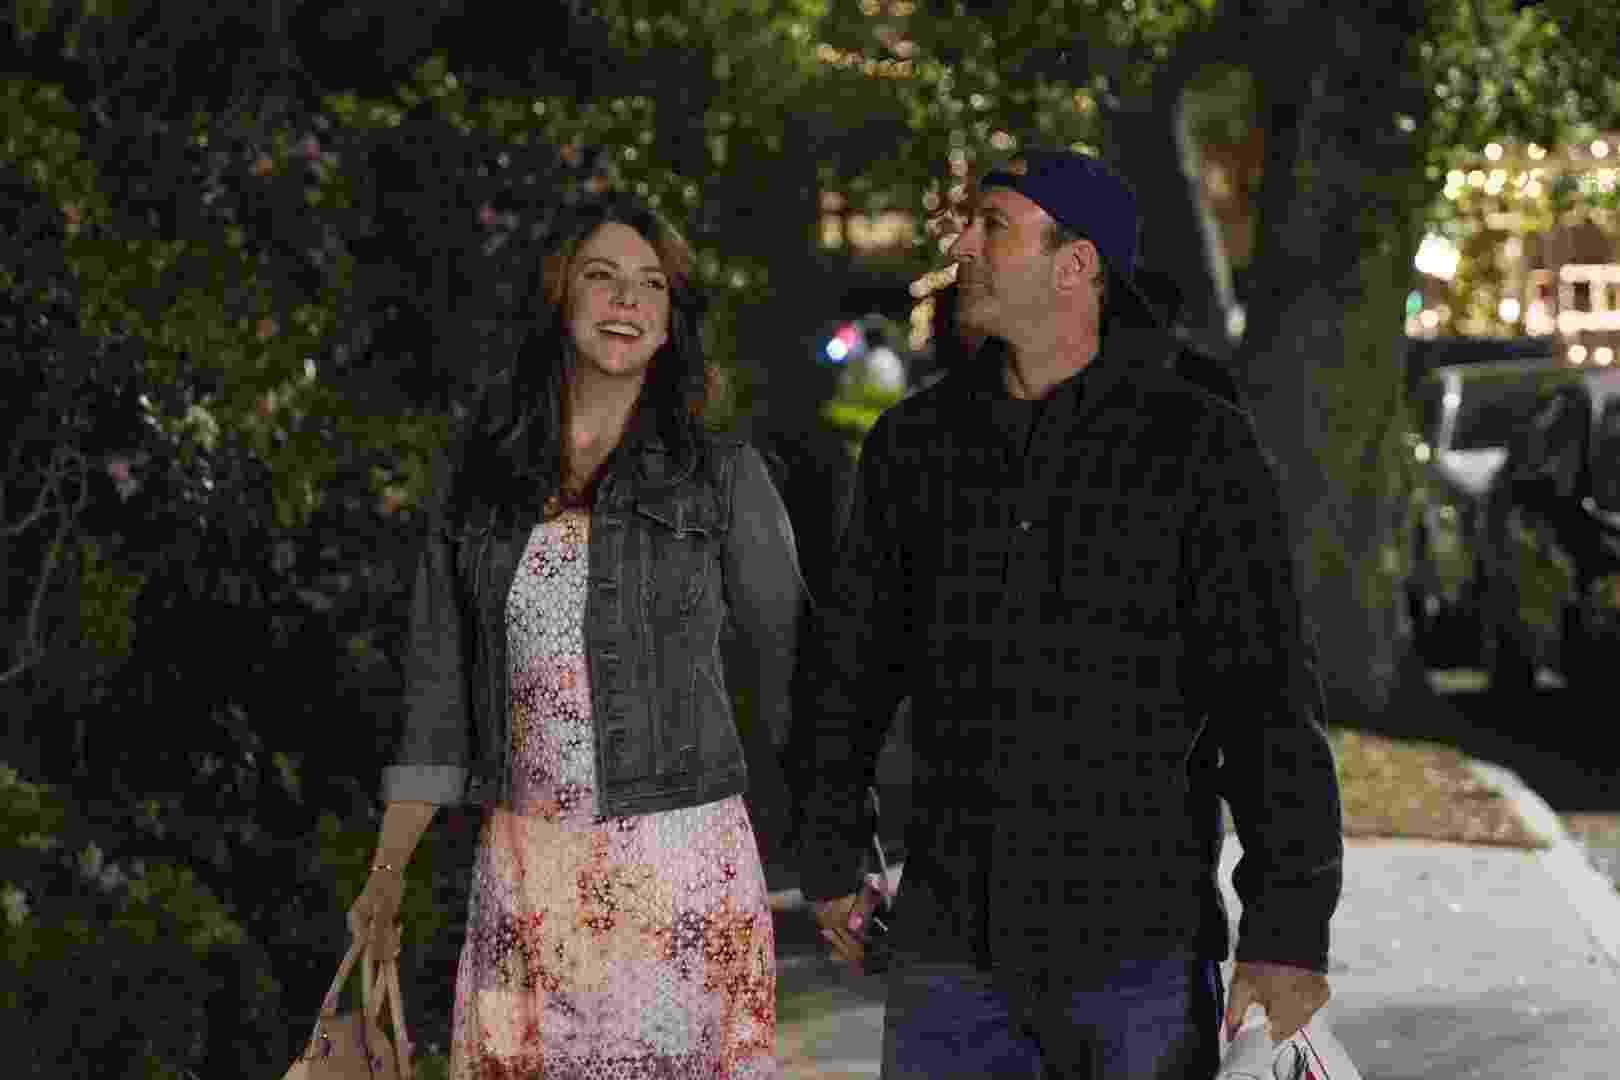 """Netflix divulga imagens da série """"Gilmore Girls"""", que voltou a ser produzida e irá mostrar a vida dos personagens nove anos depois do fim do programa - Divulgação"""